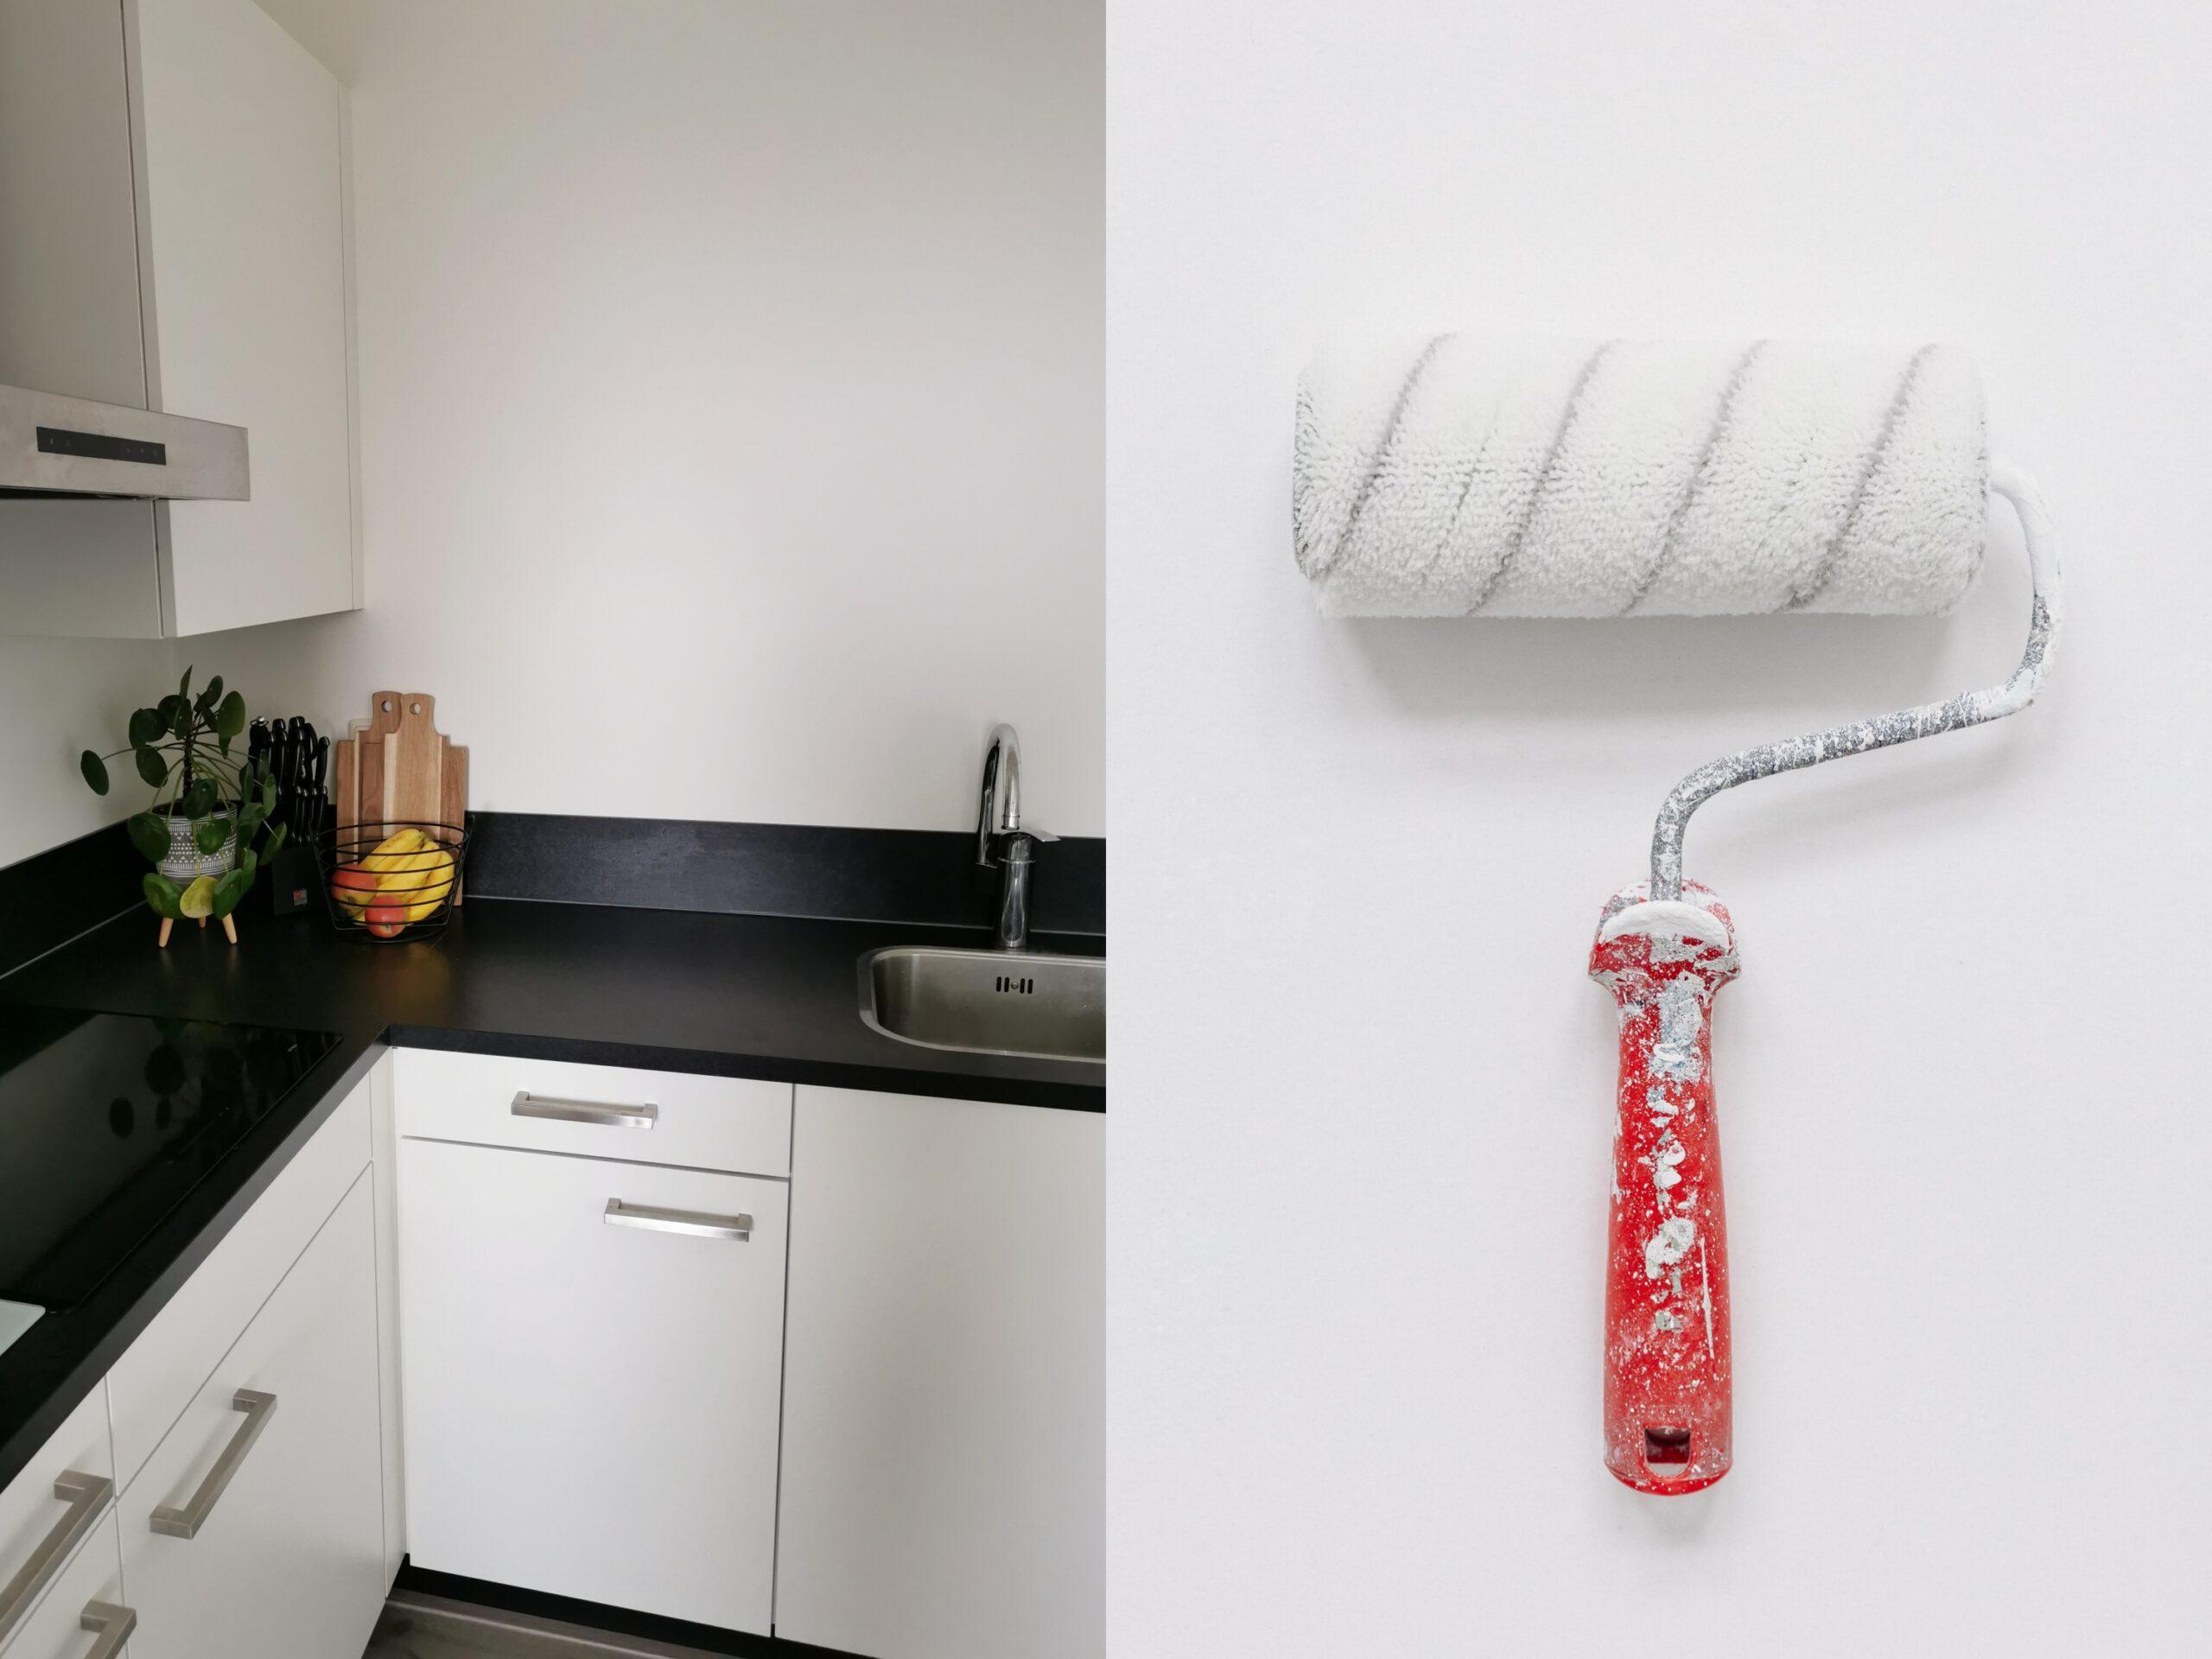 keukenverf muurverf beschermen met coating trae lyx naturel finish verf.nl keuken schilderen tips